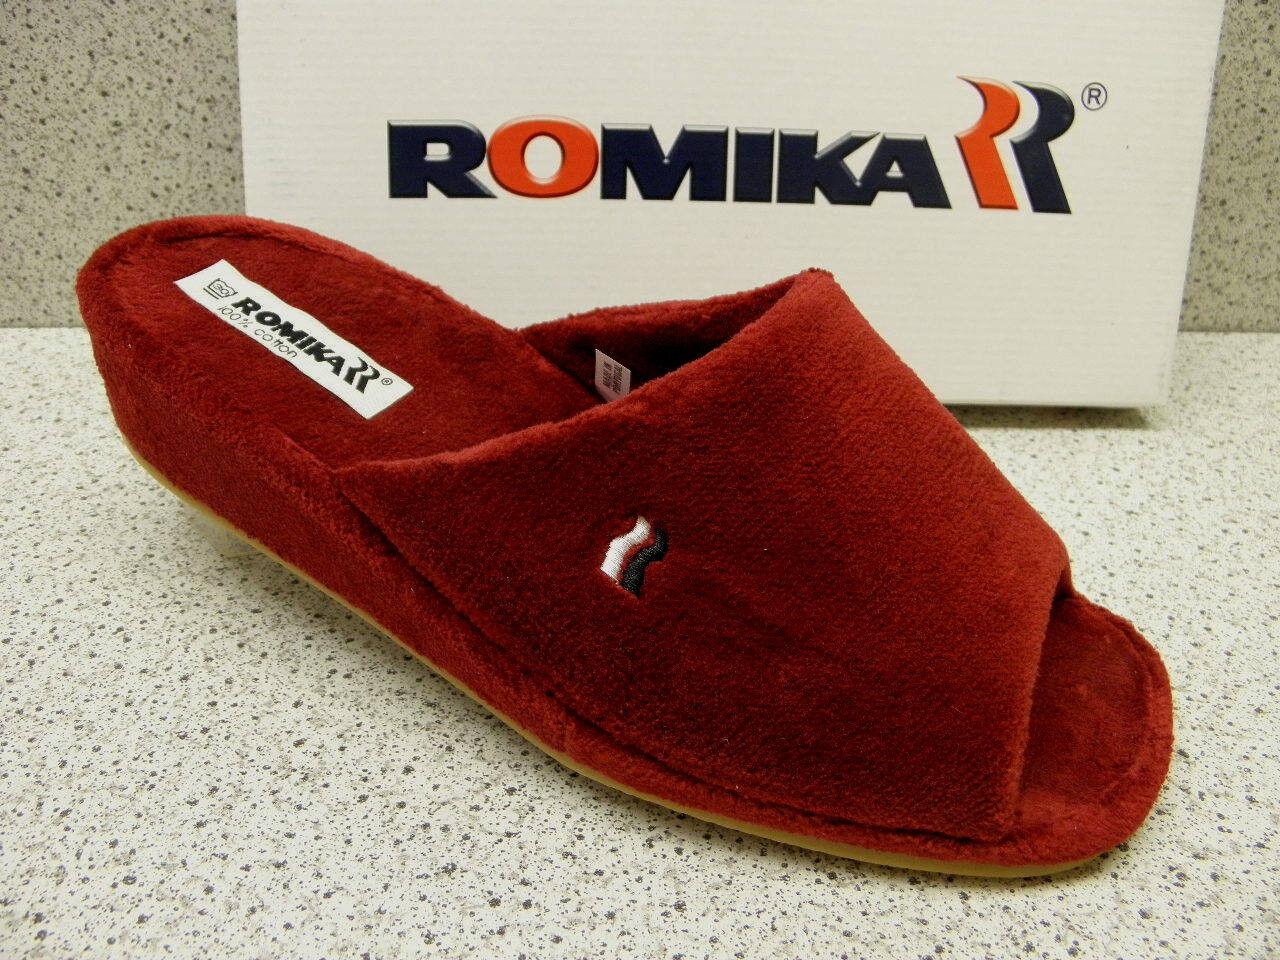 Romika ® réduit, Pantoufles, Bordo, éponge,  Paris  (542)